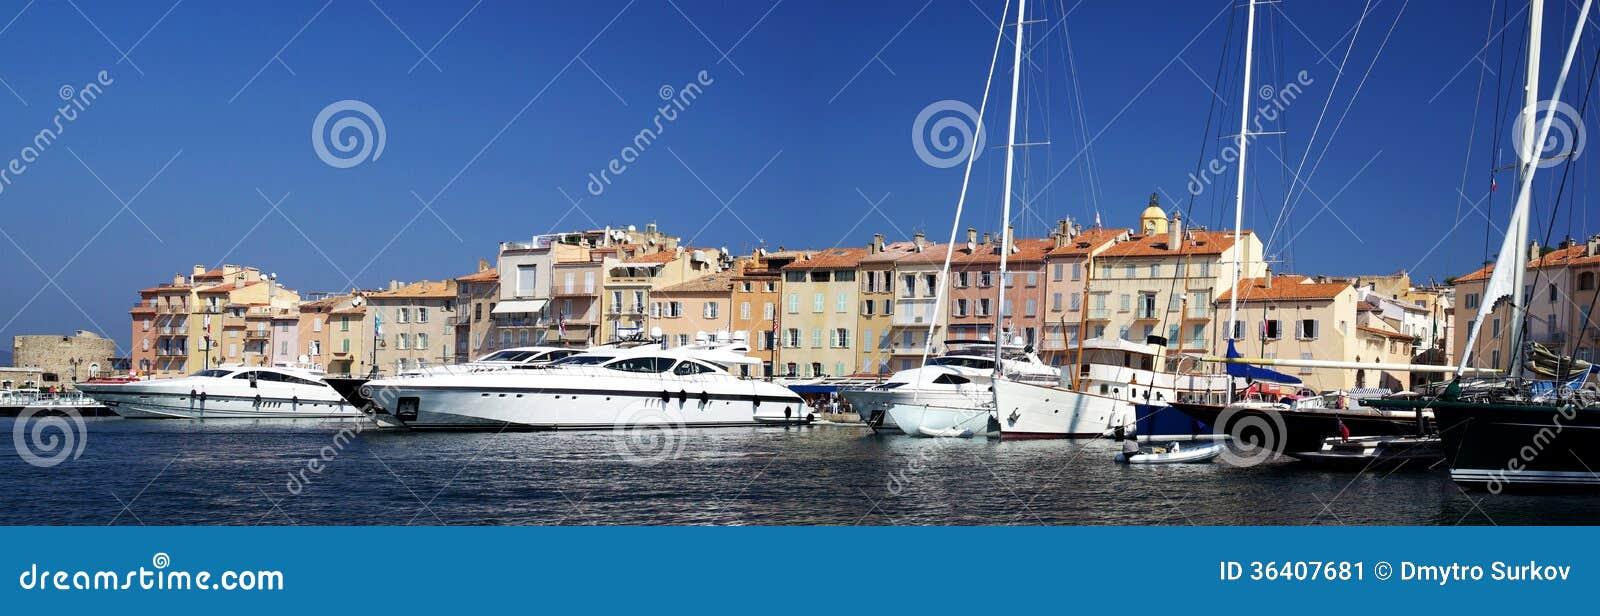 Гавань St Tropez